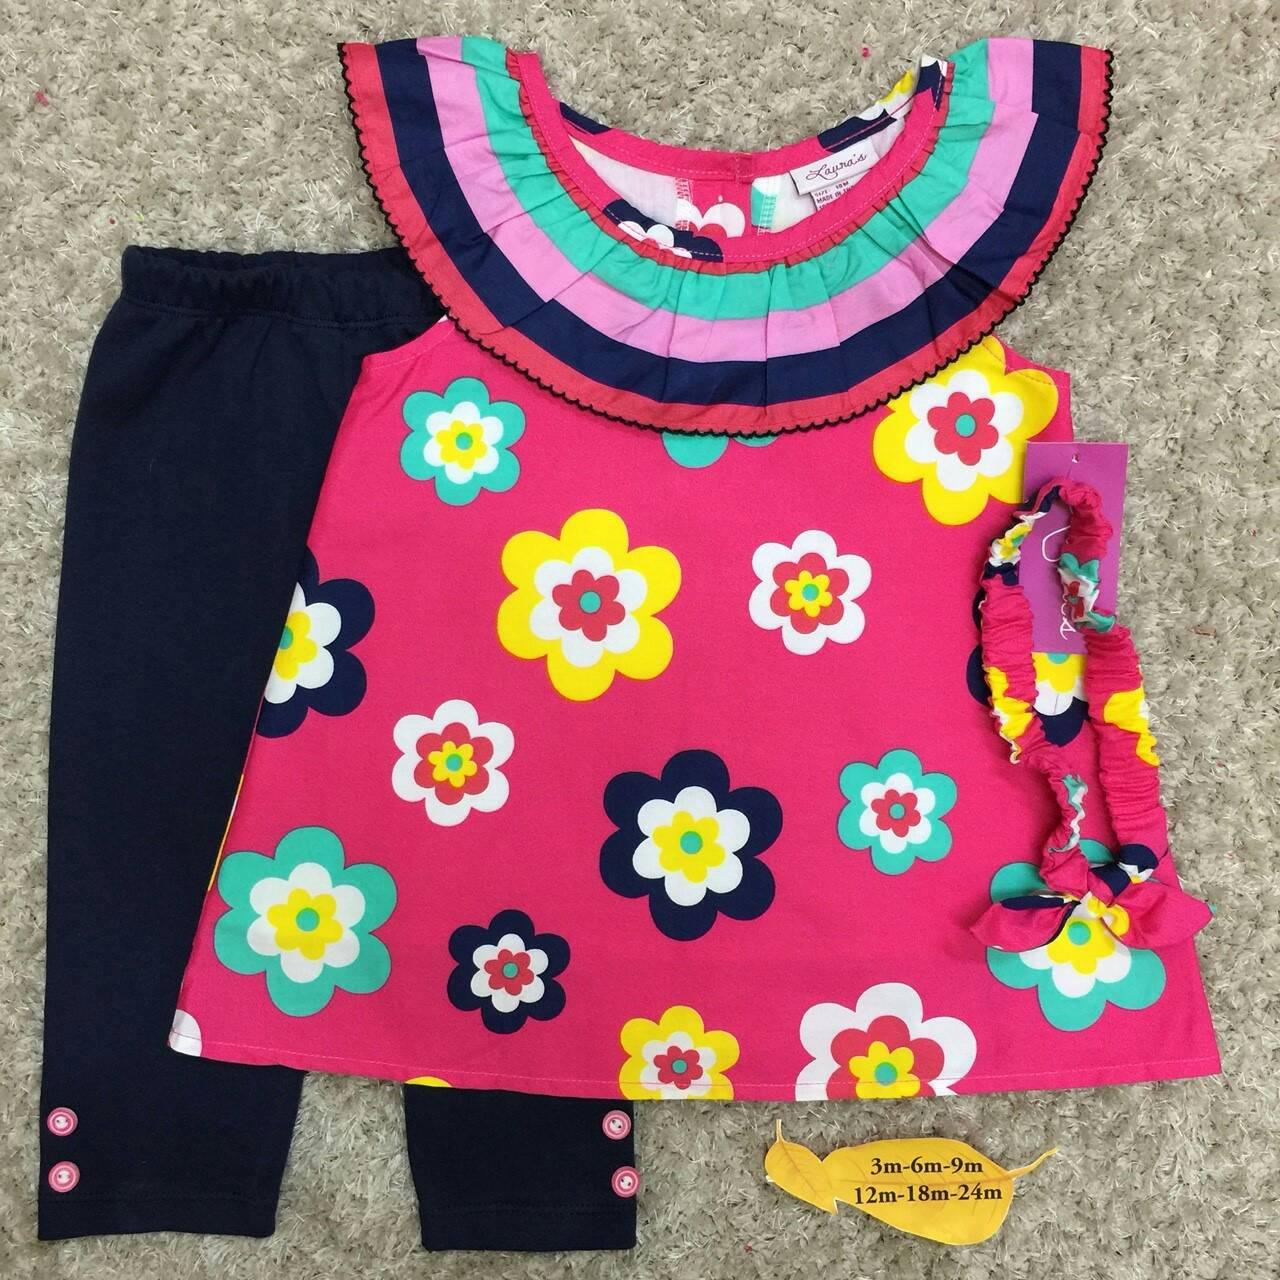 เสื้อผ้าเด็กเซต เสื้อ+เลกกิ้ง+สายคาดผม size 12m-18m-24m